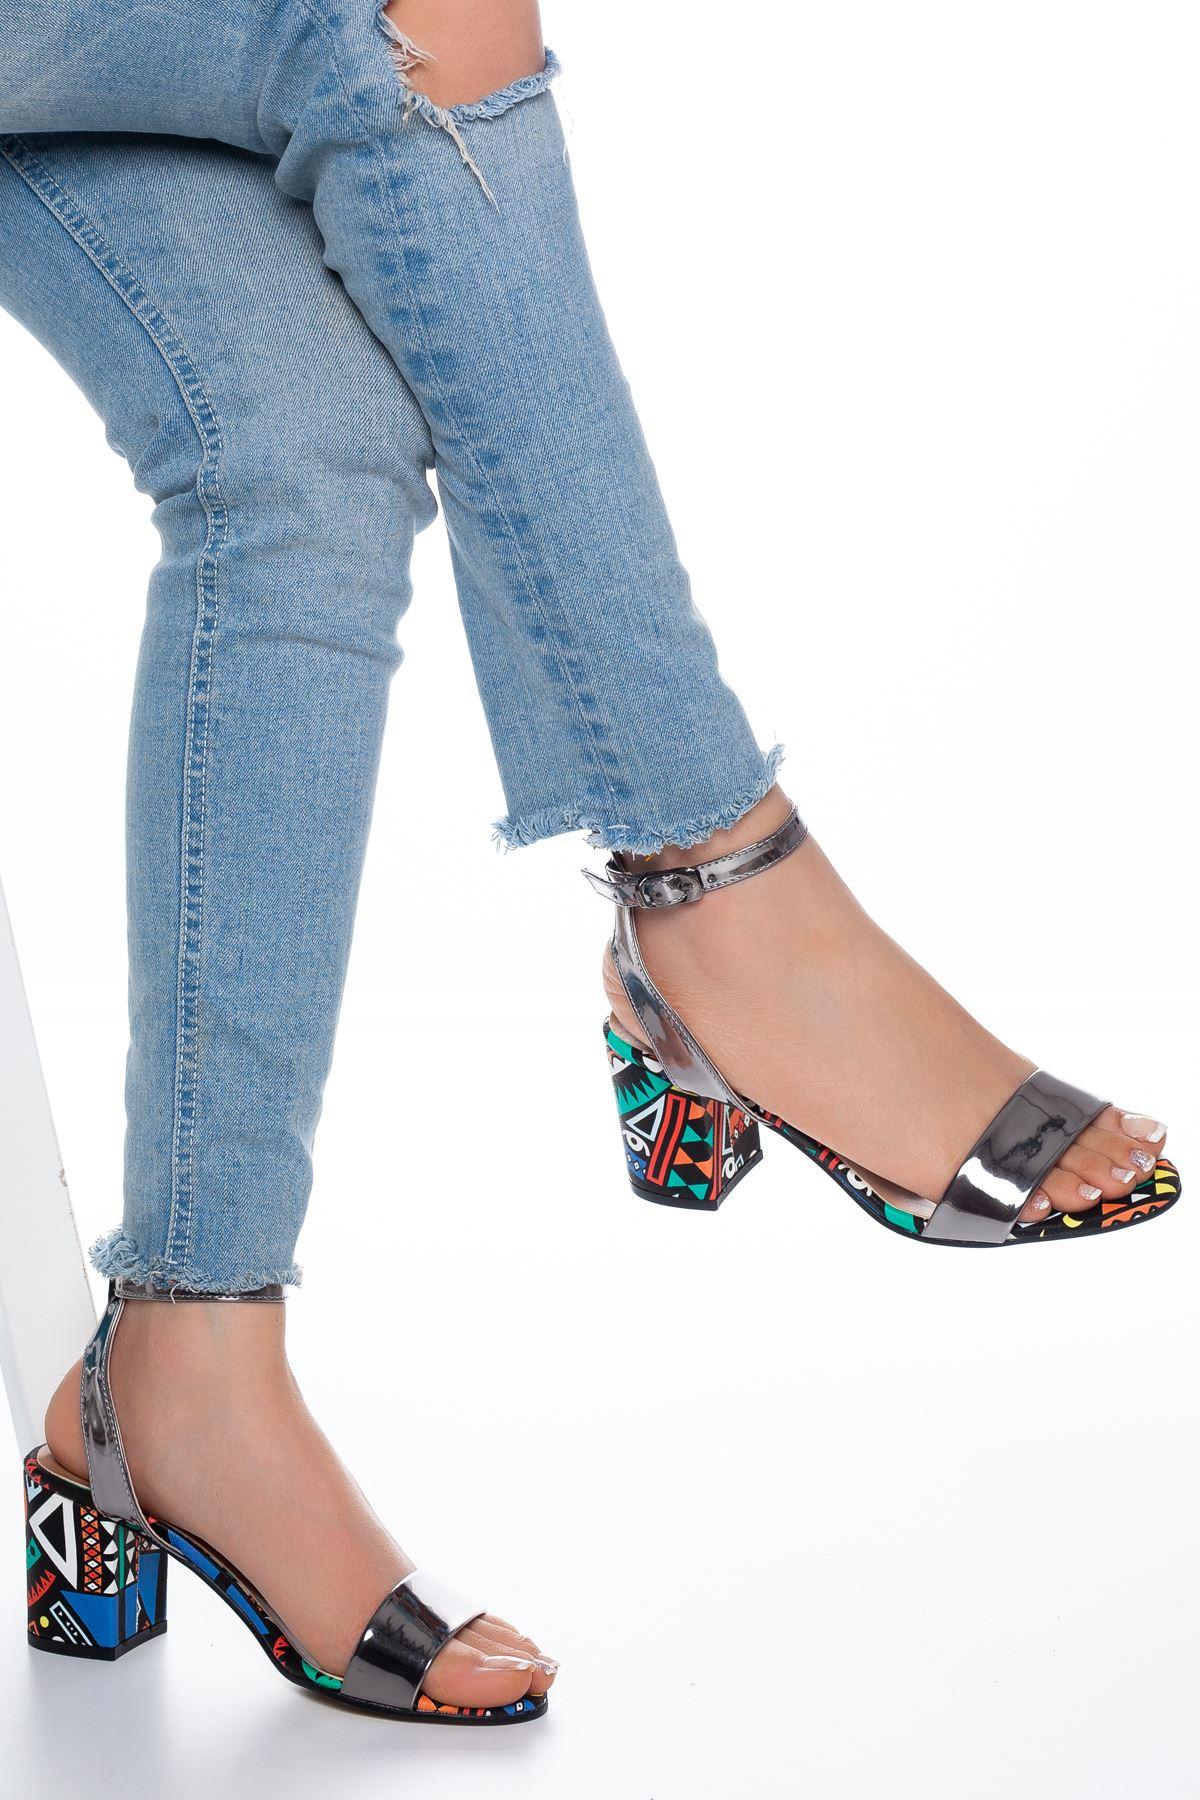 Panama Rugan Topuklu Ayakkabı Platin